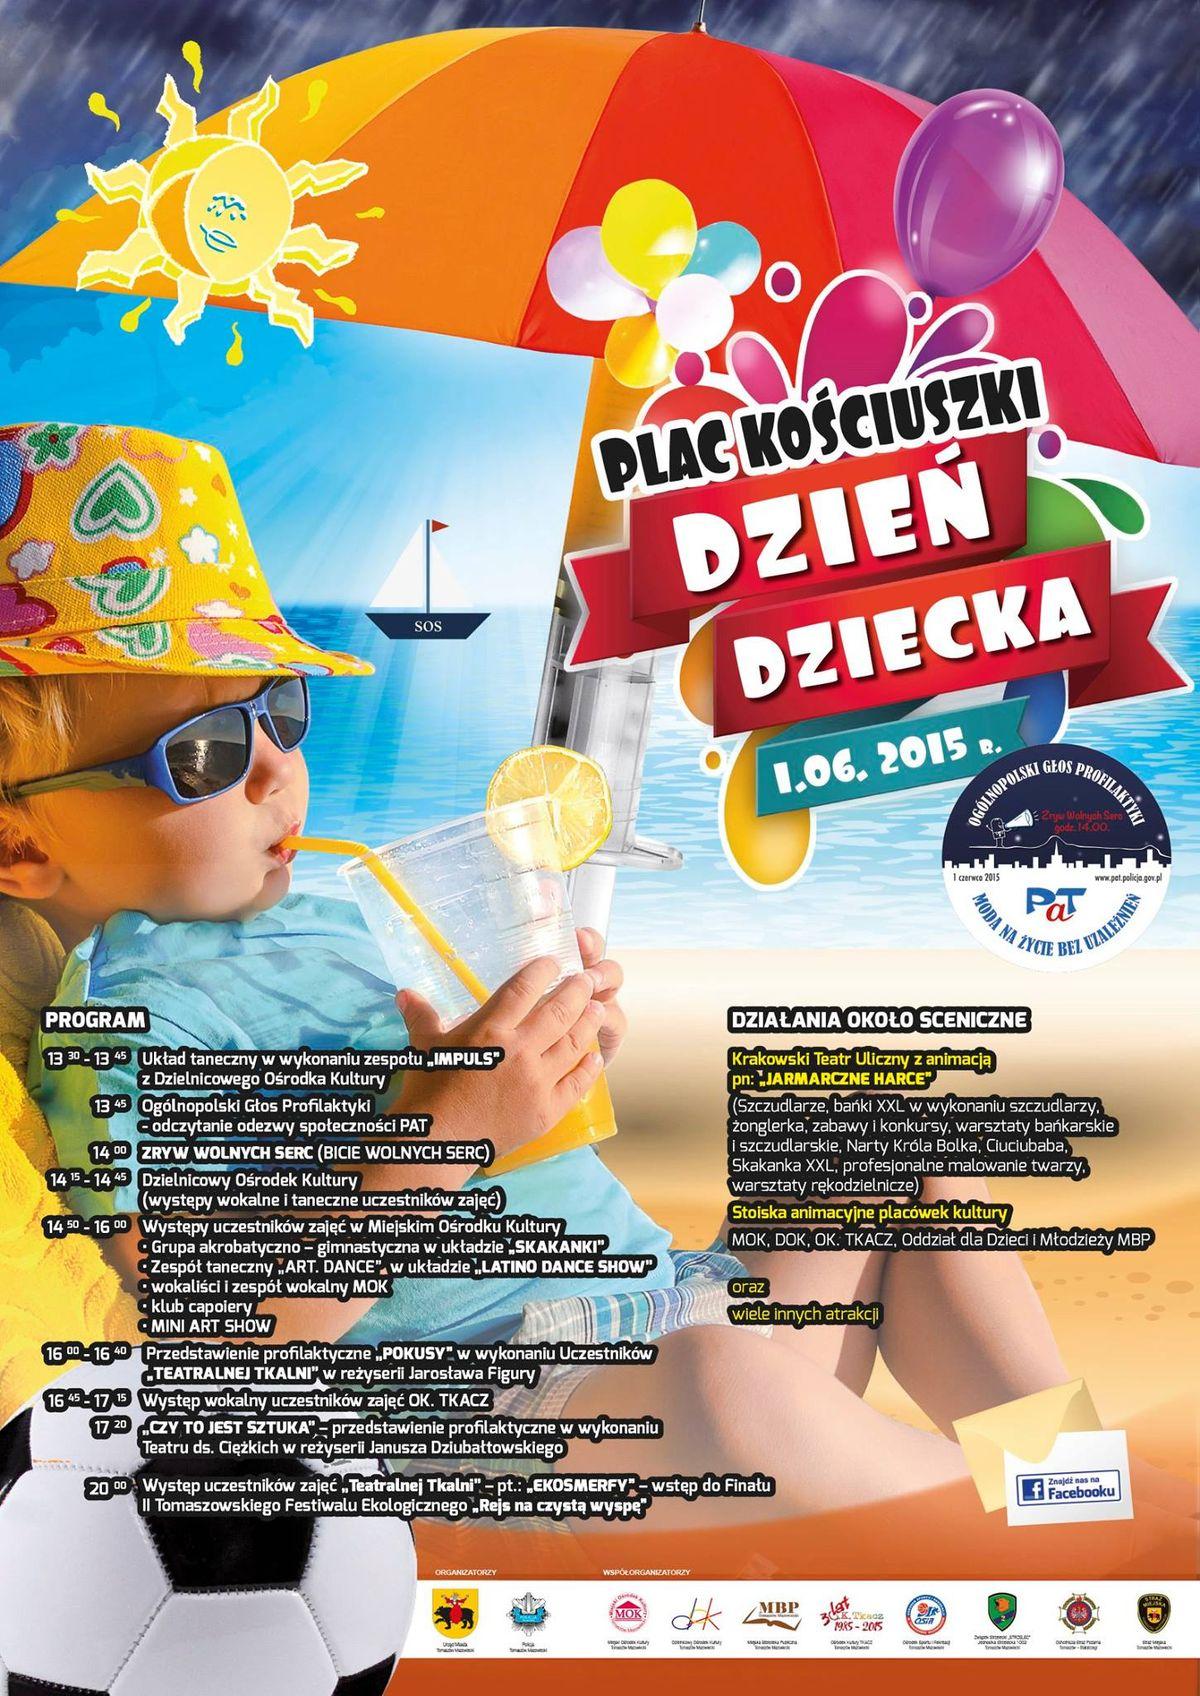 Dzien-Dziecka-w-Tomaszowie_mazowieckim_male001